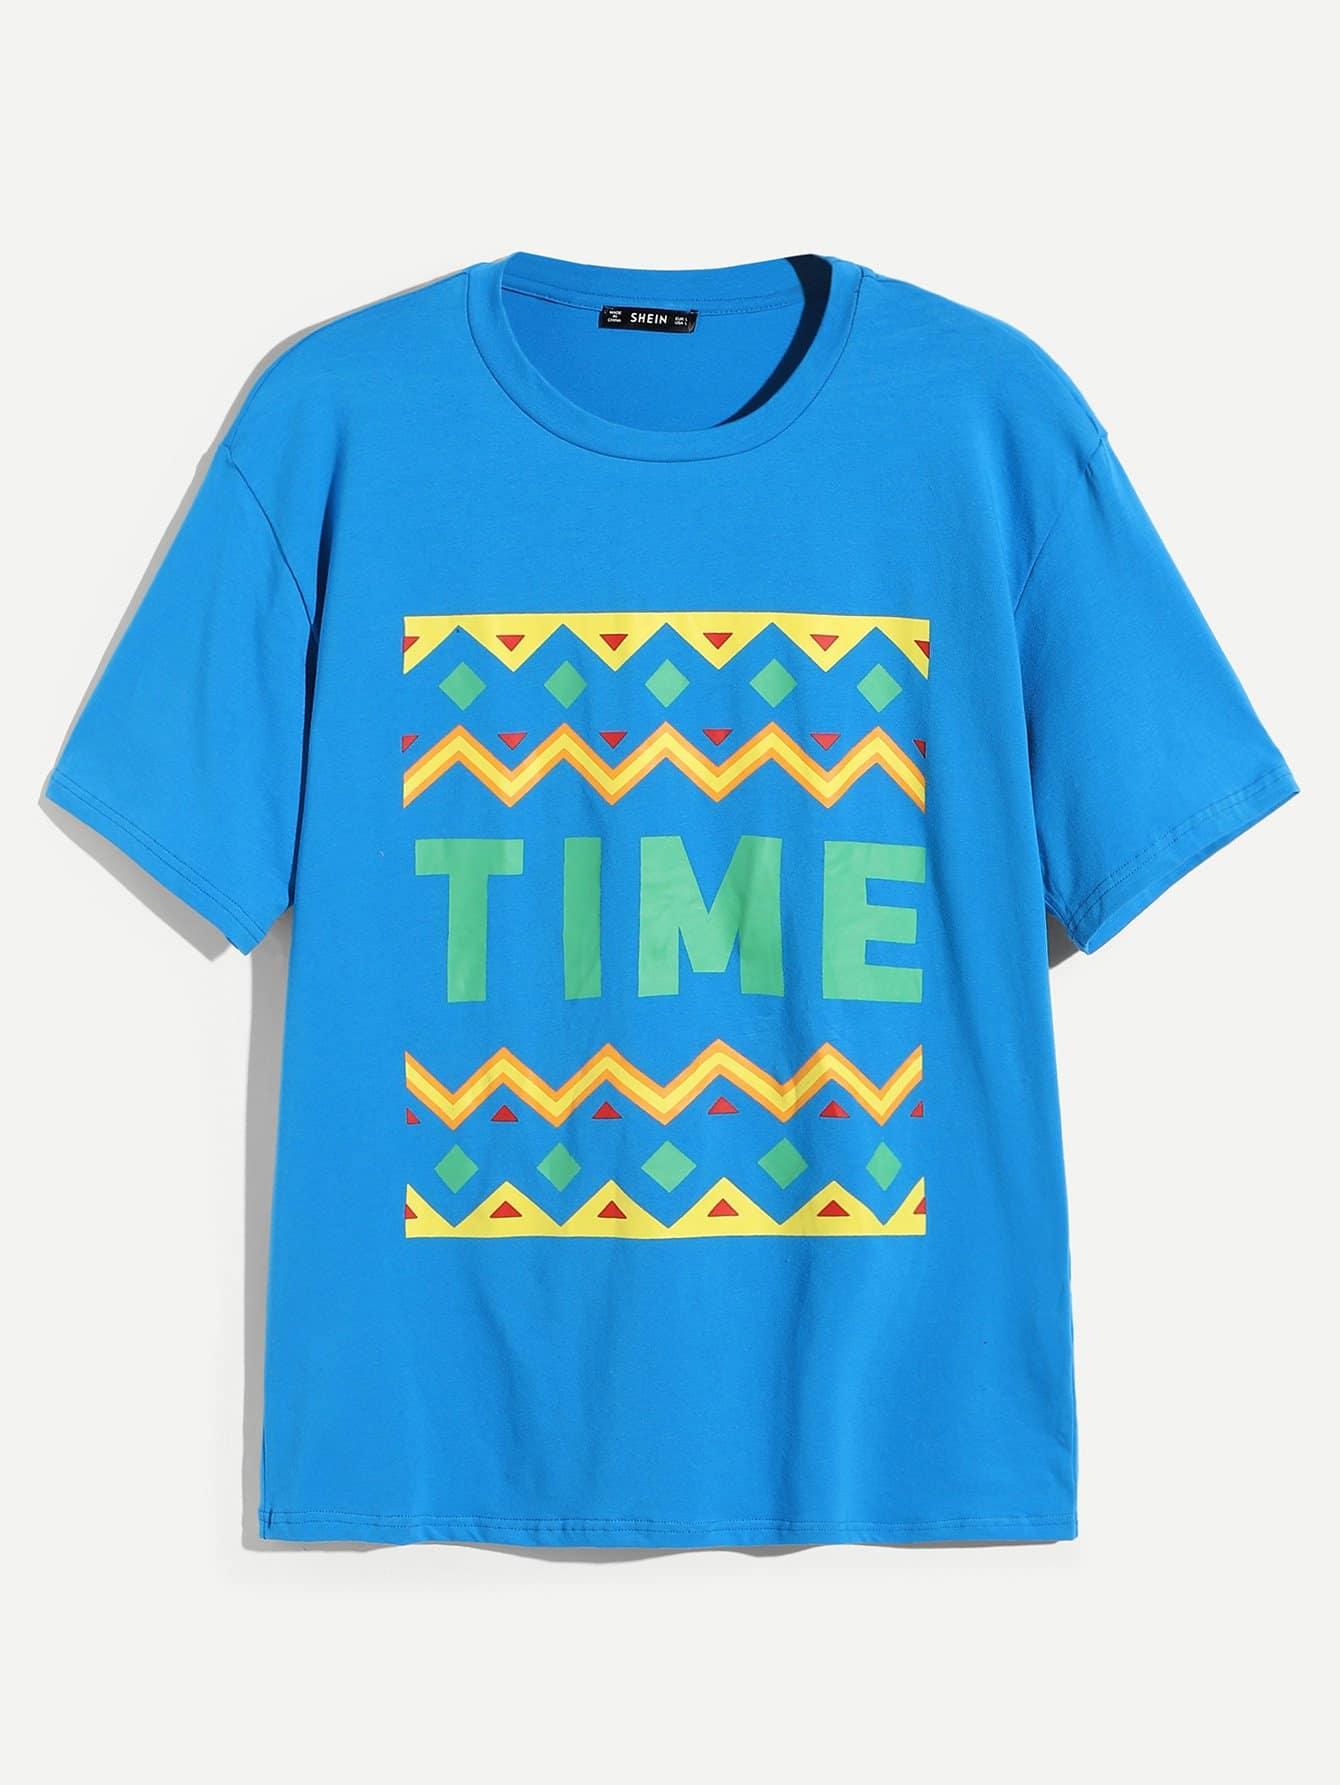 Фото - Для мужчин туника футболка с текстовым принтом от SheIn синего цвета